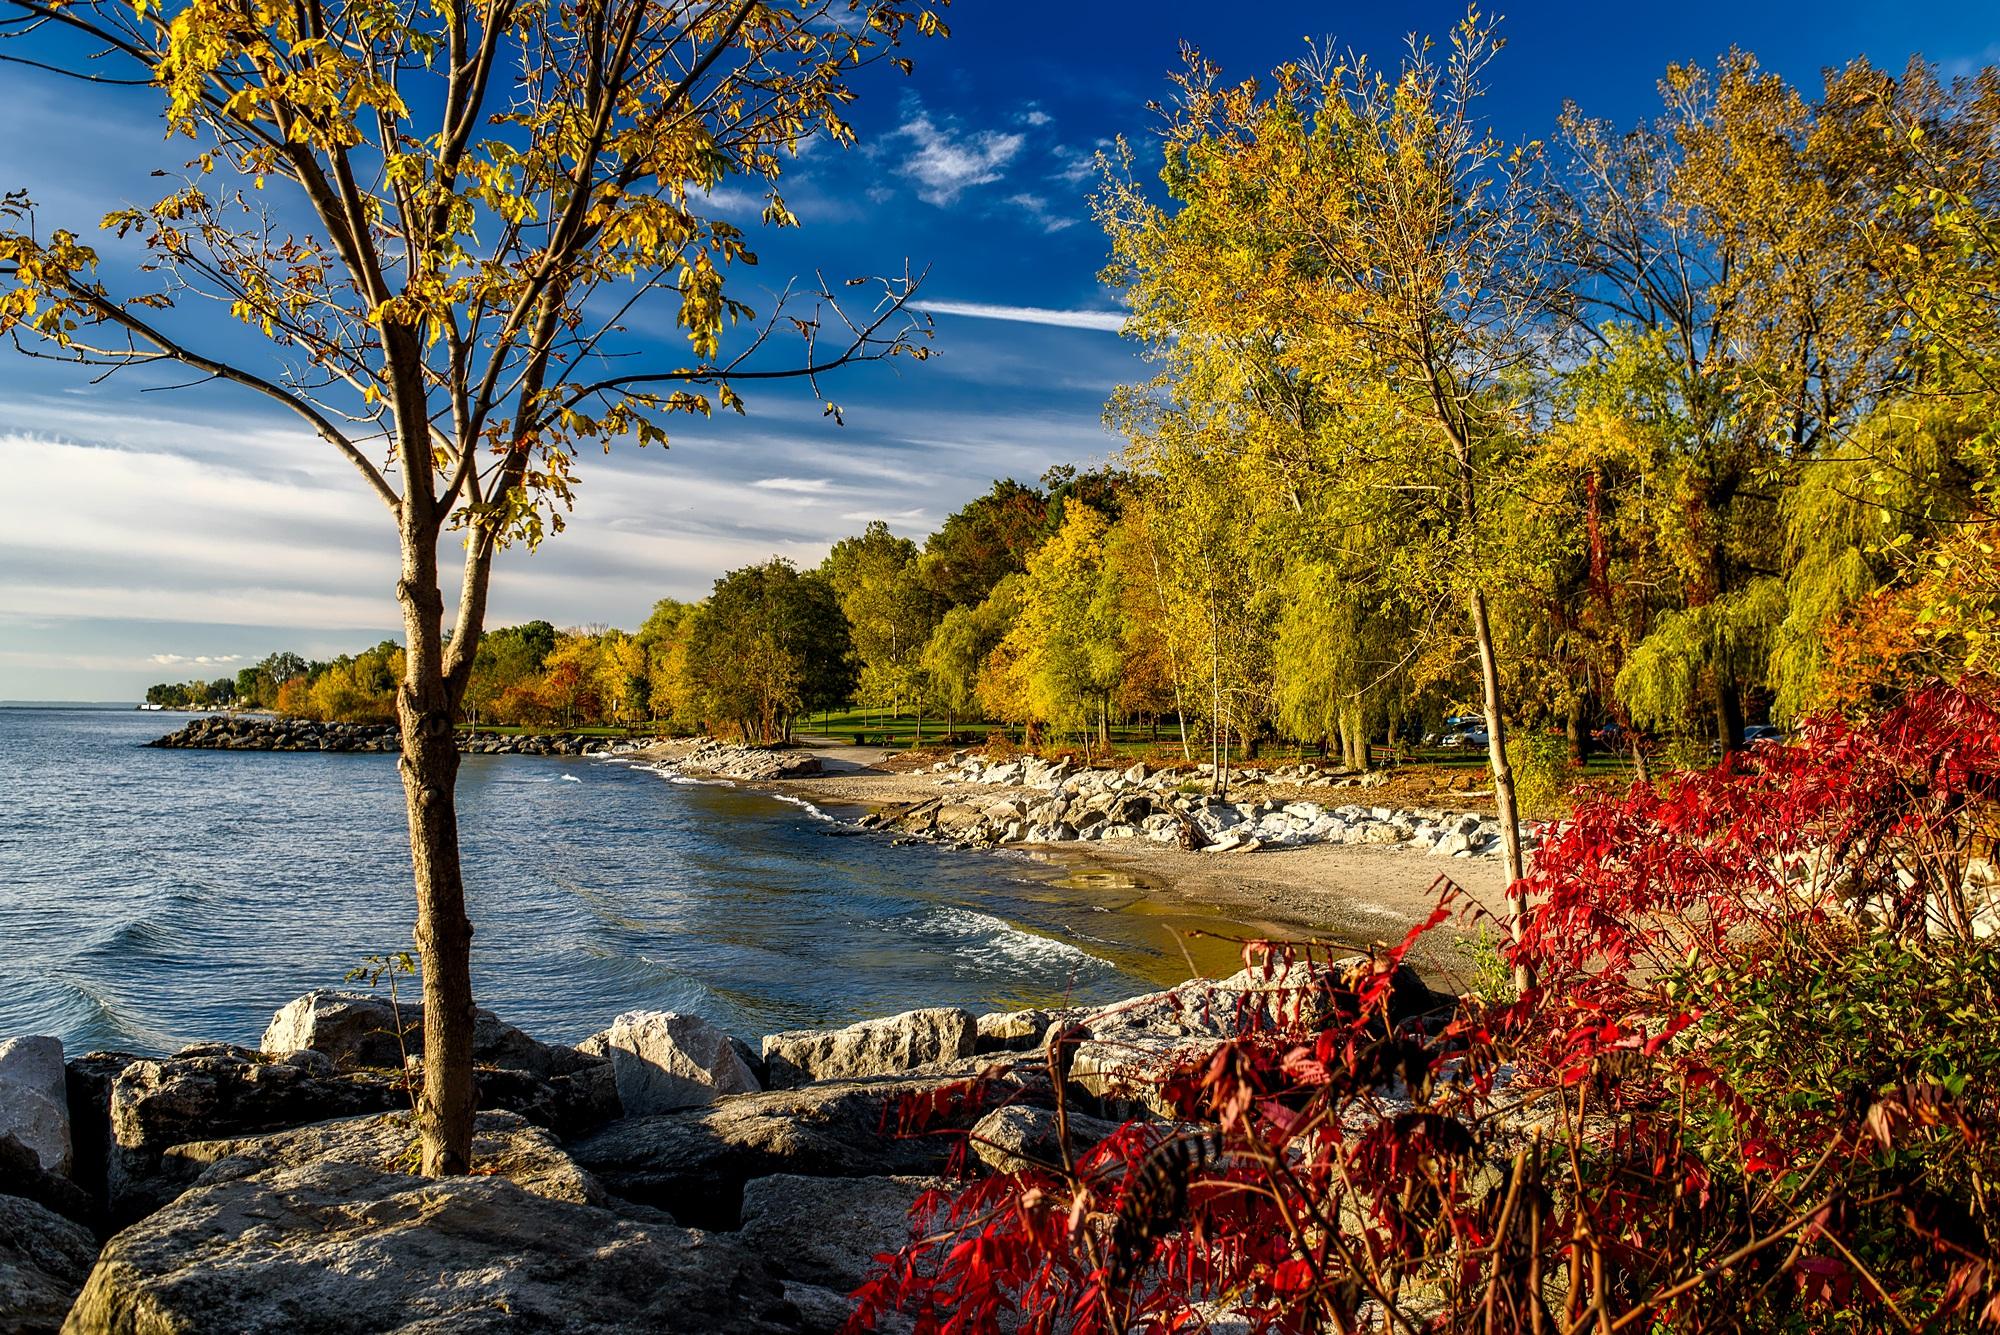 Free Images : landscape, tree, nature, forest, sky, leaf ...